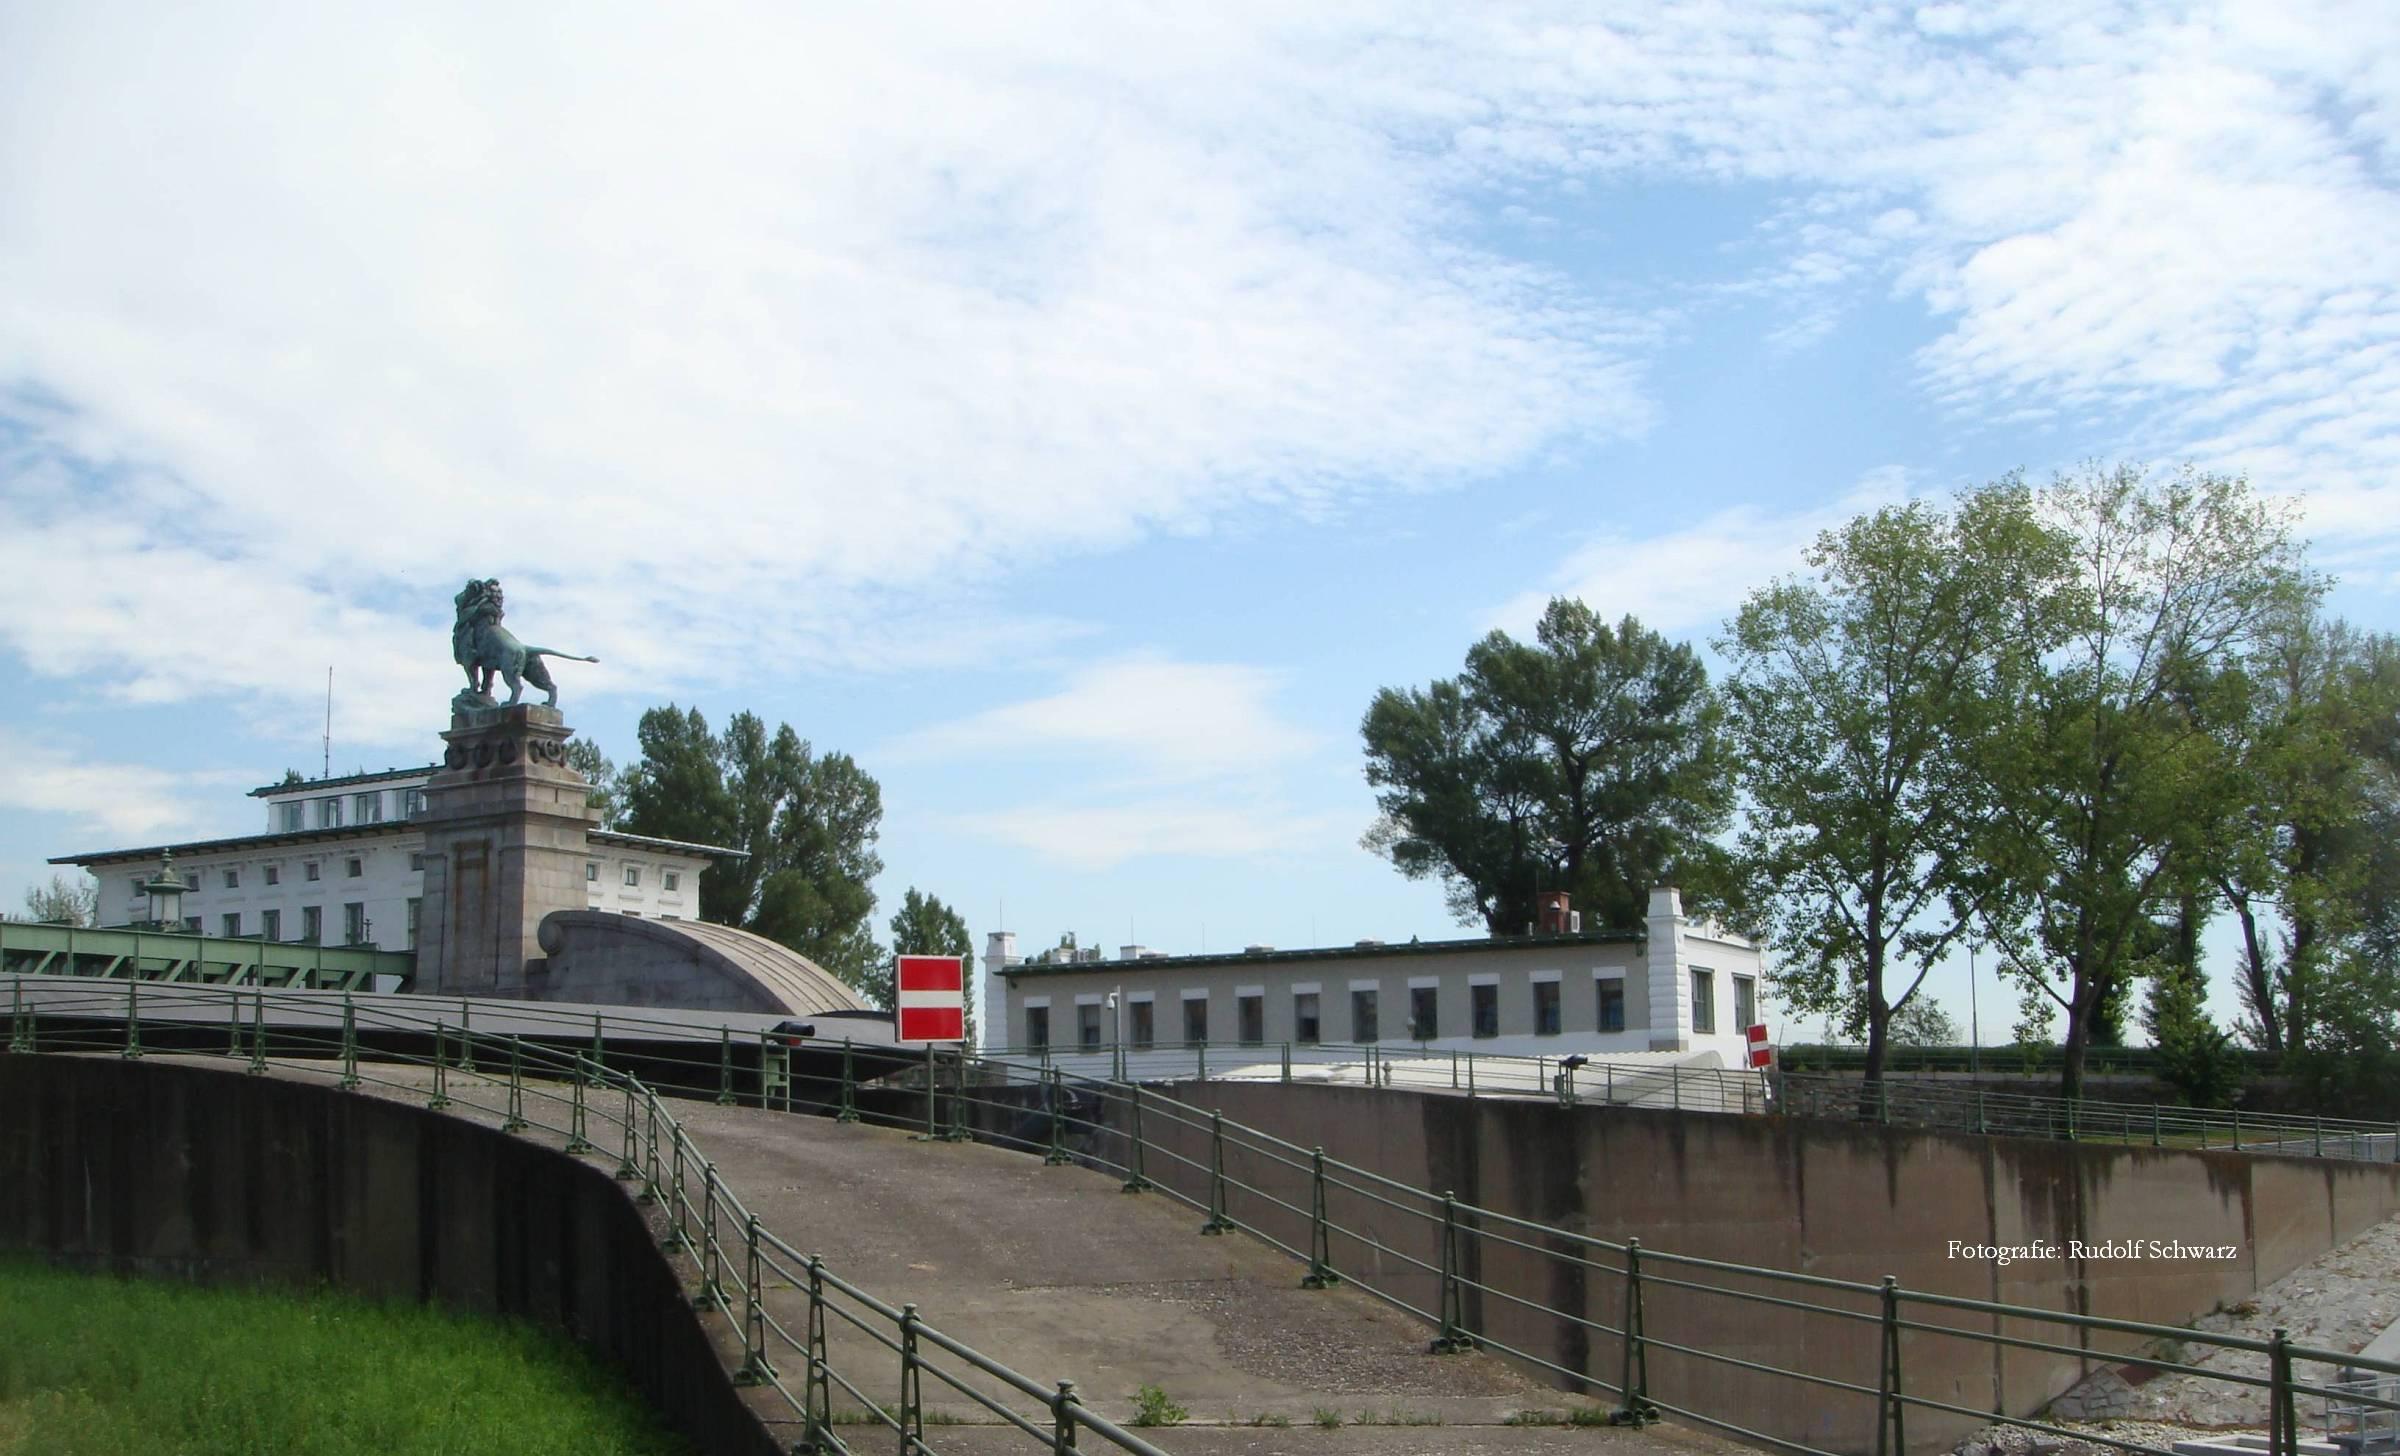 Nussdorf Wien